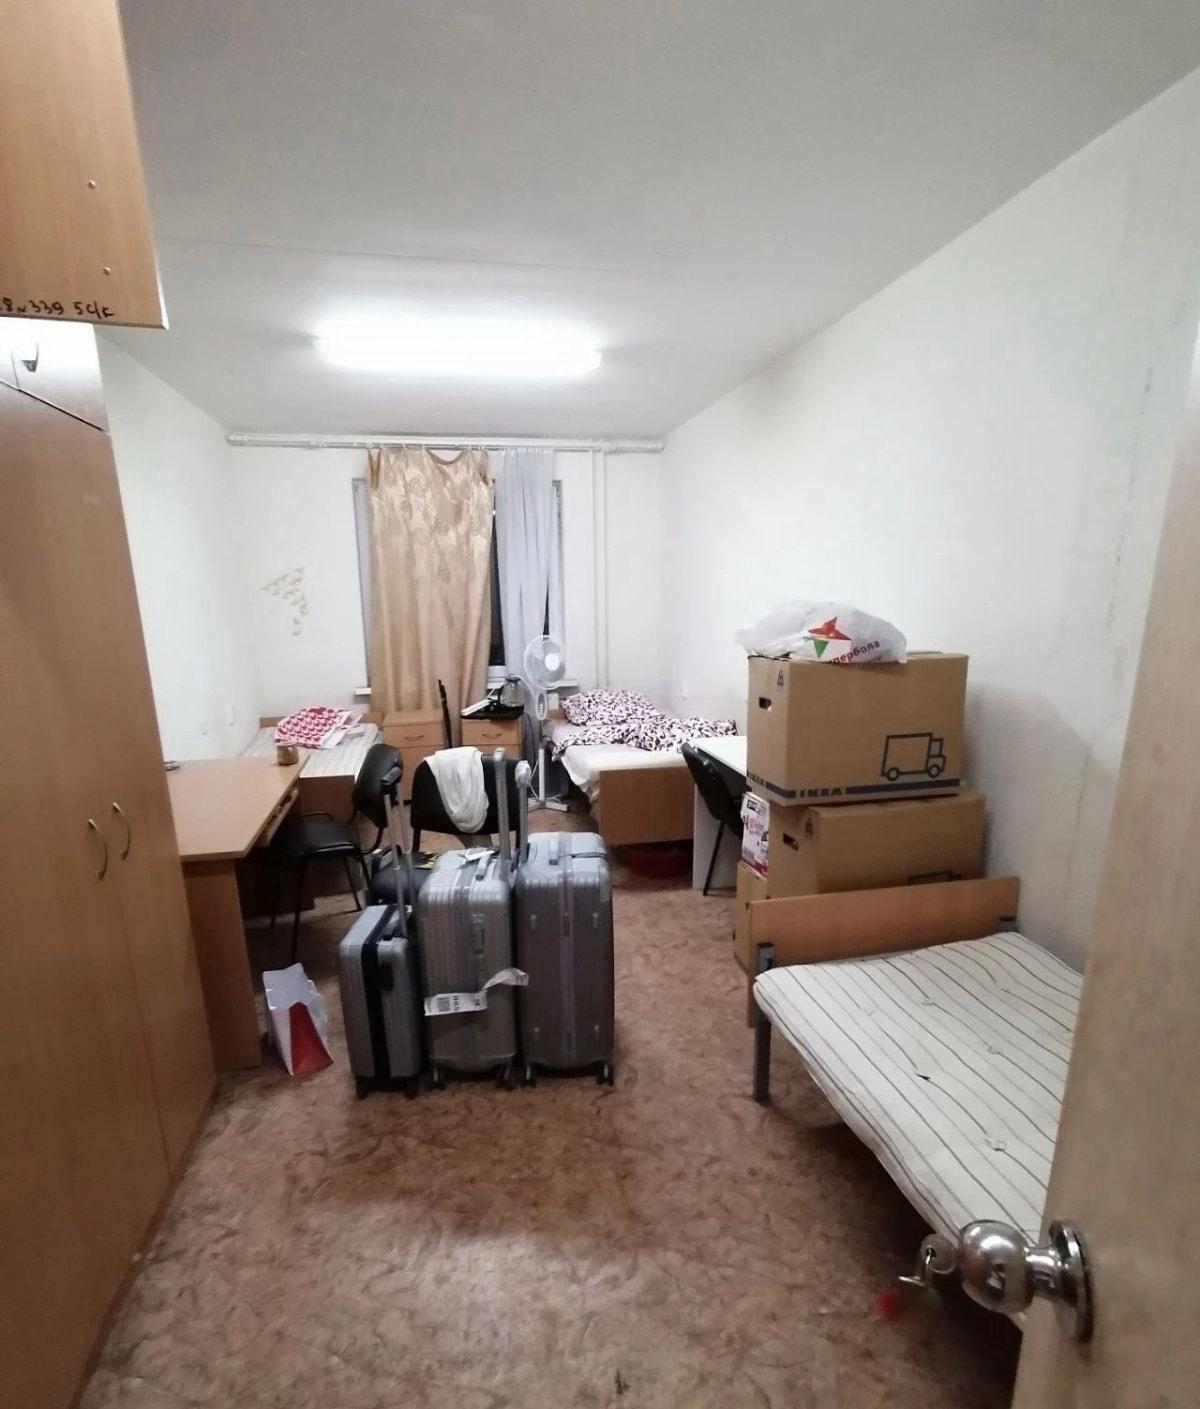 这是小编住的寝室,为什么我不租房,因为住寝室真的太省钱了! 一个月寝室费才100多块钱,一年省2万多元。